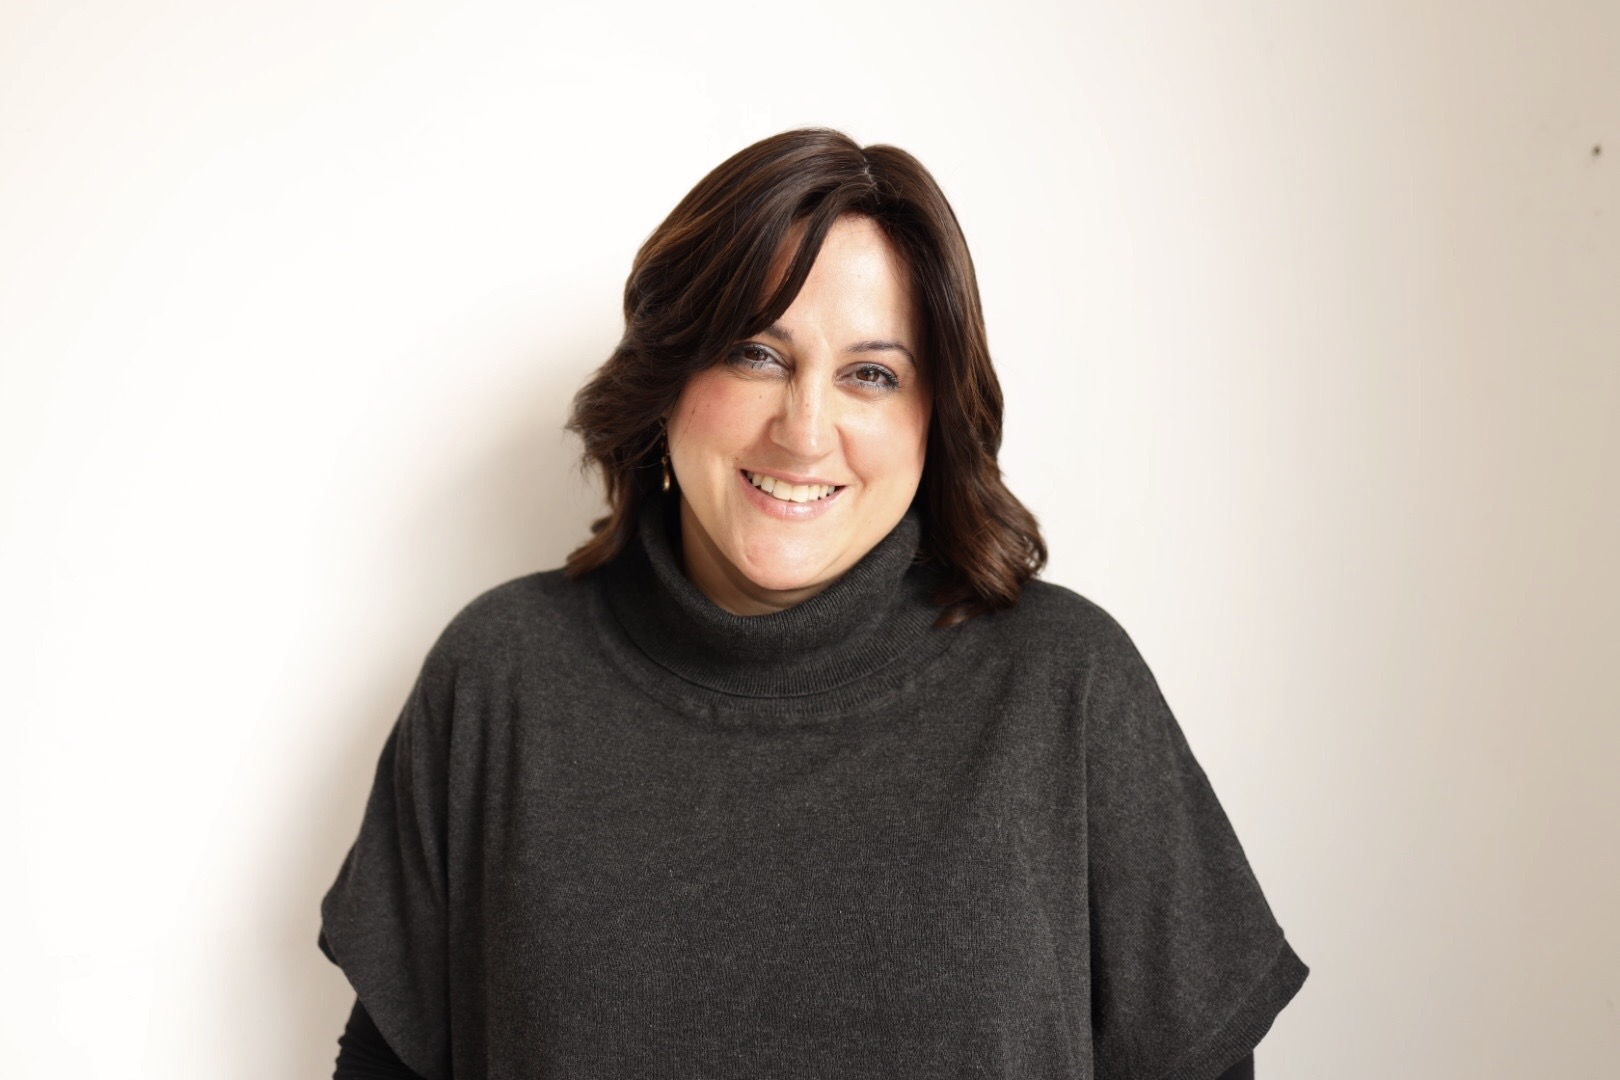 Mrs Hannah Shukrun